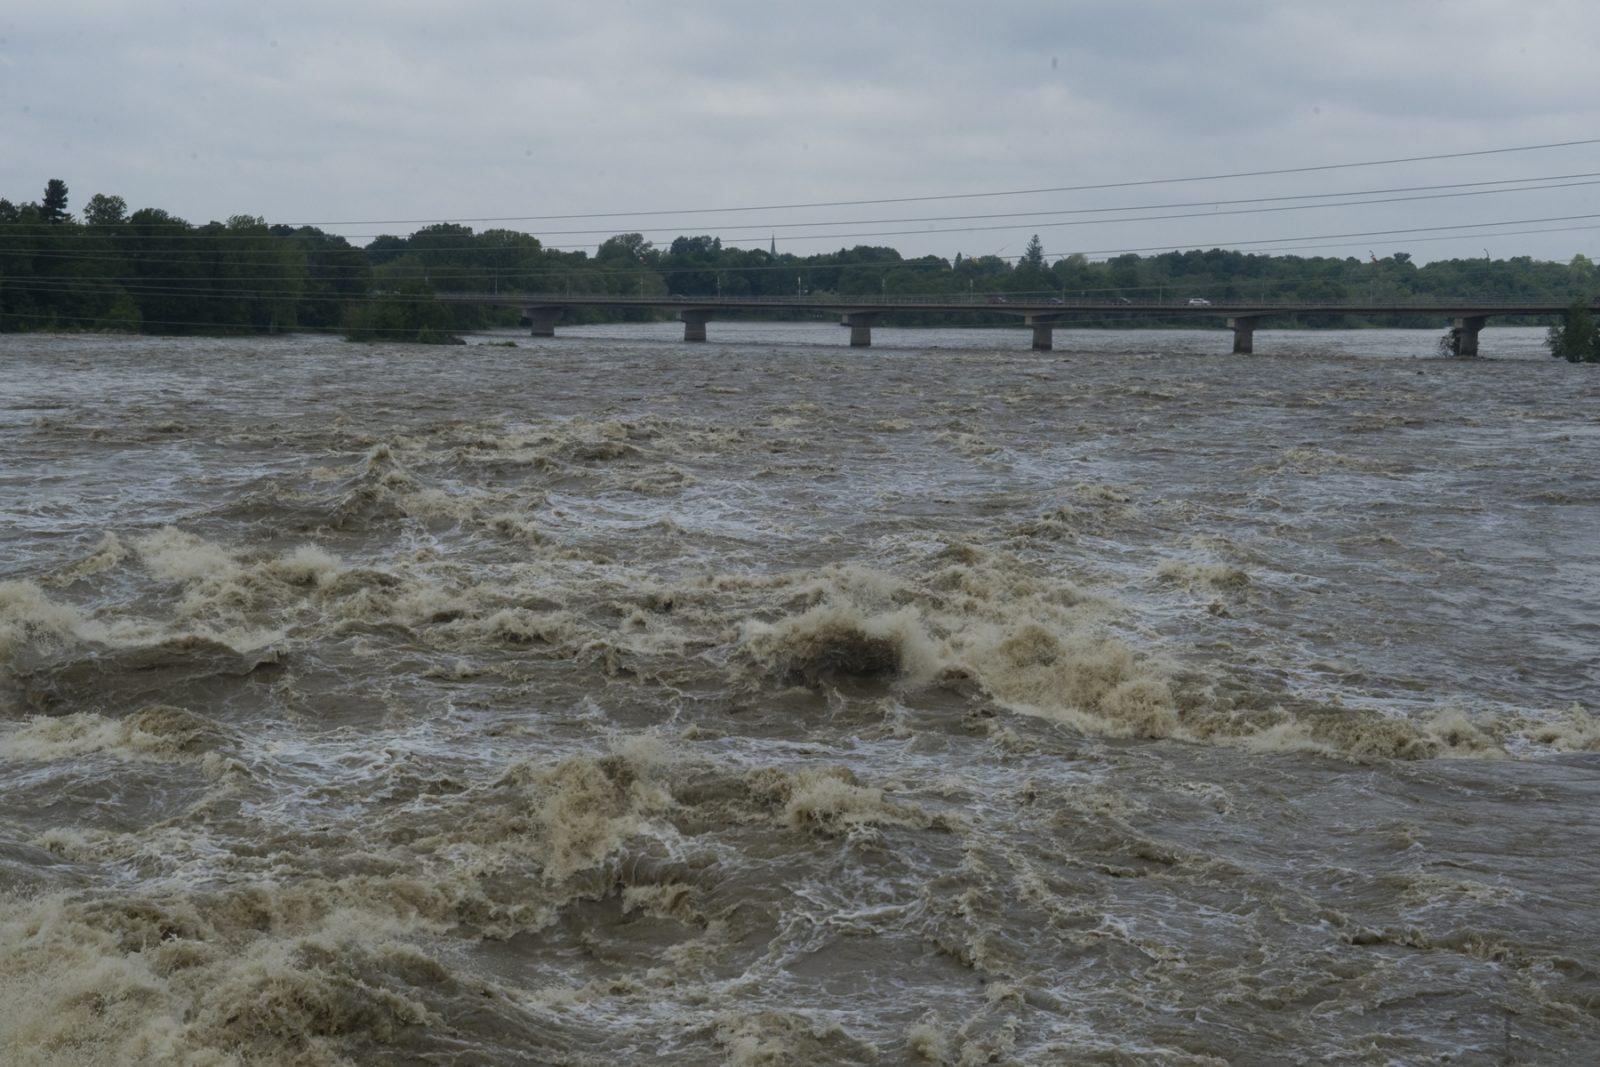 La rivière Saint-François sous surveillance continue